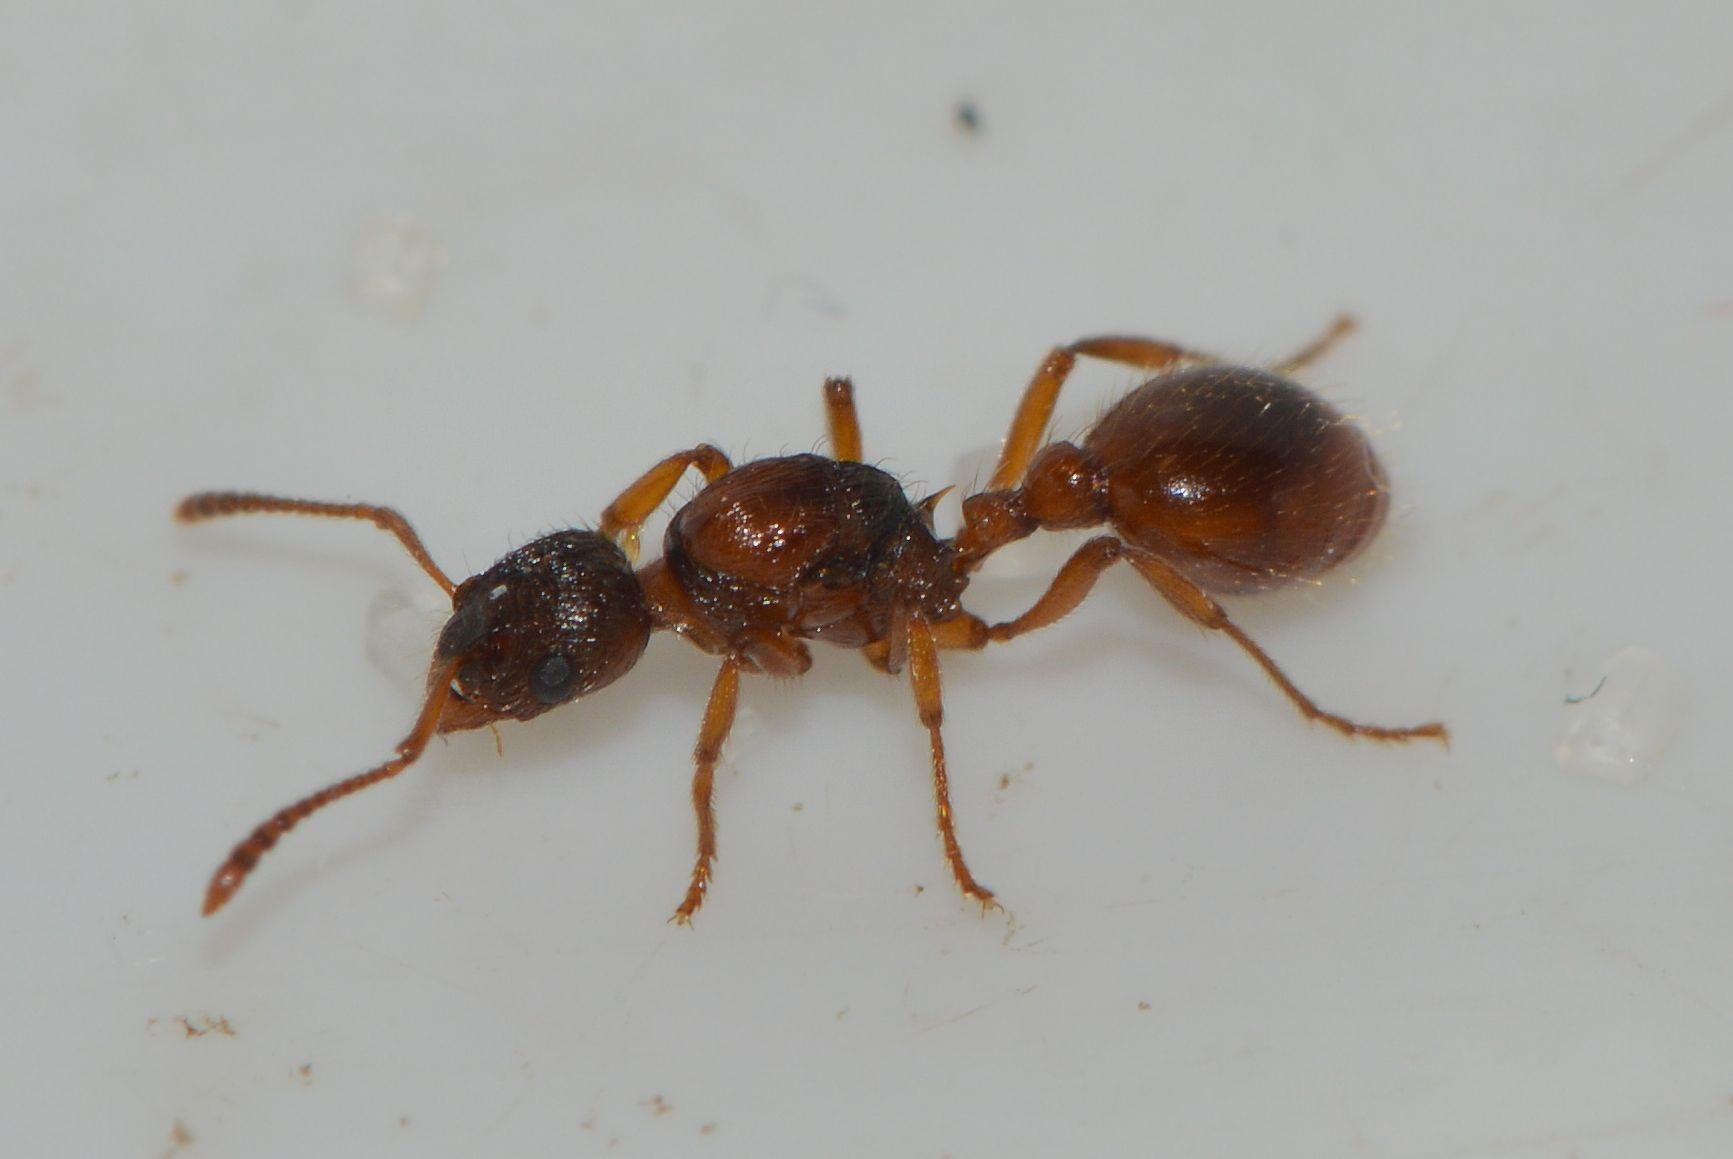 Korttornet Stikmyre (Myrmica rubra)